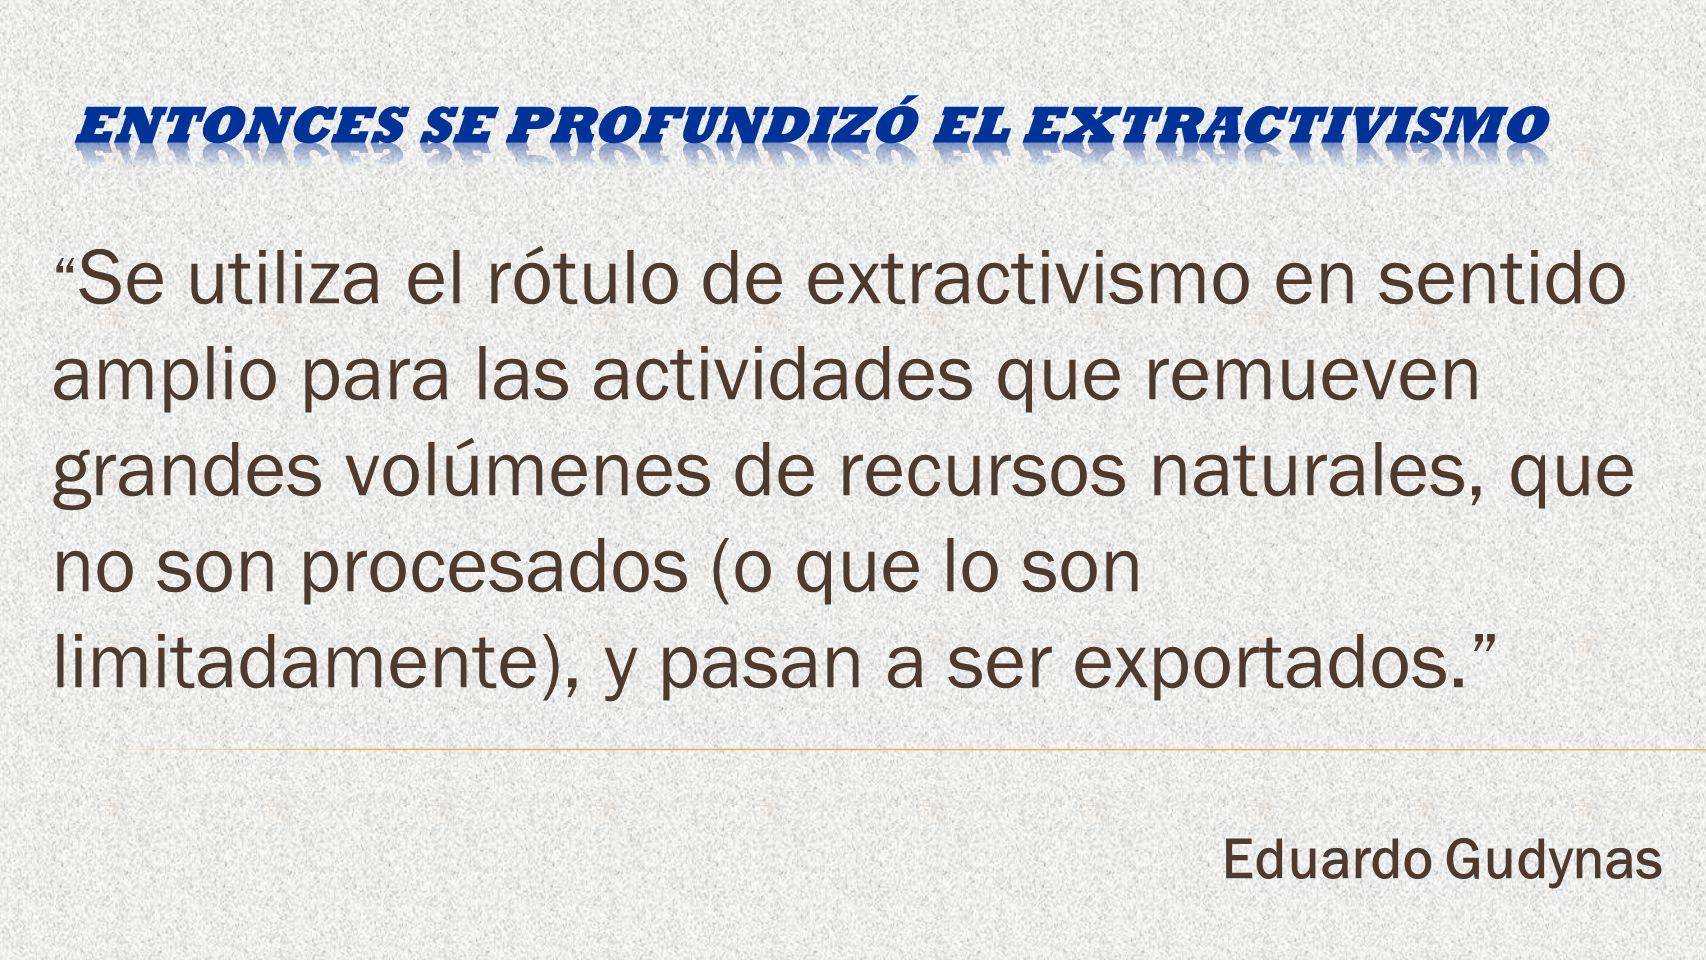 Se utiliza el rótulo de extractivismo en sentido amplio para las actividades que remueven grandes volúmenes de recursos naturales, que no son procesados (o que lo son limitadamente), y pasan a ser exportados.